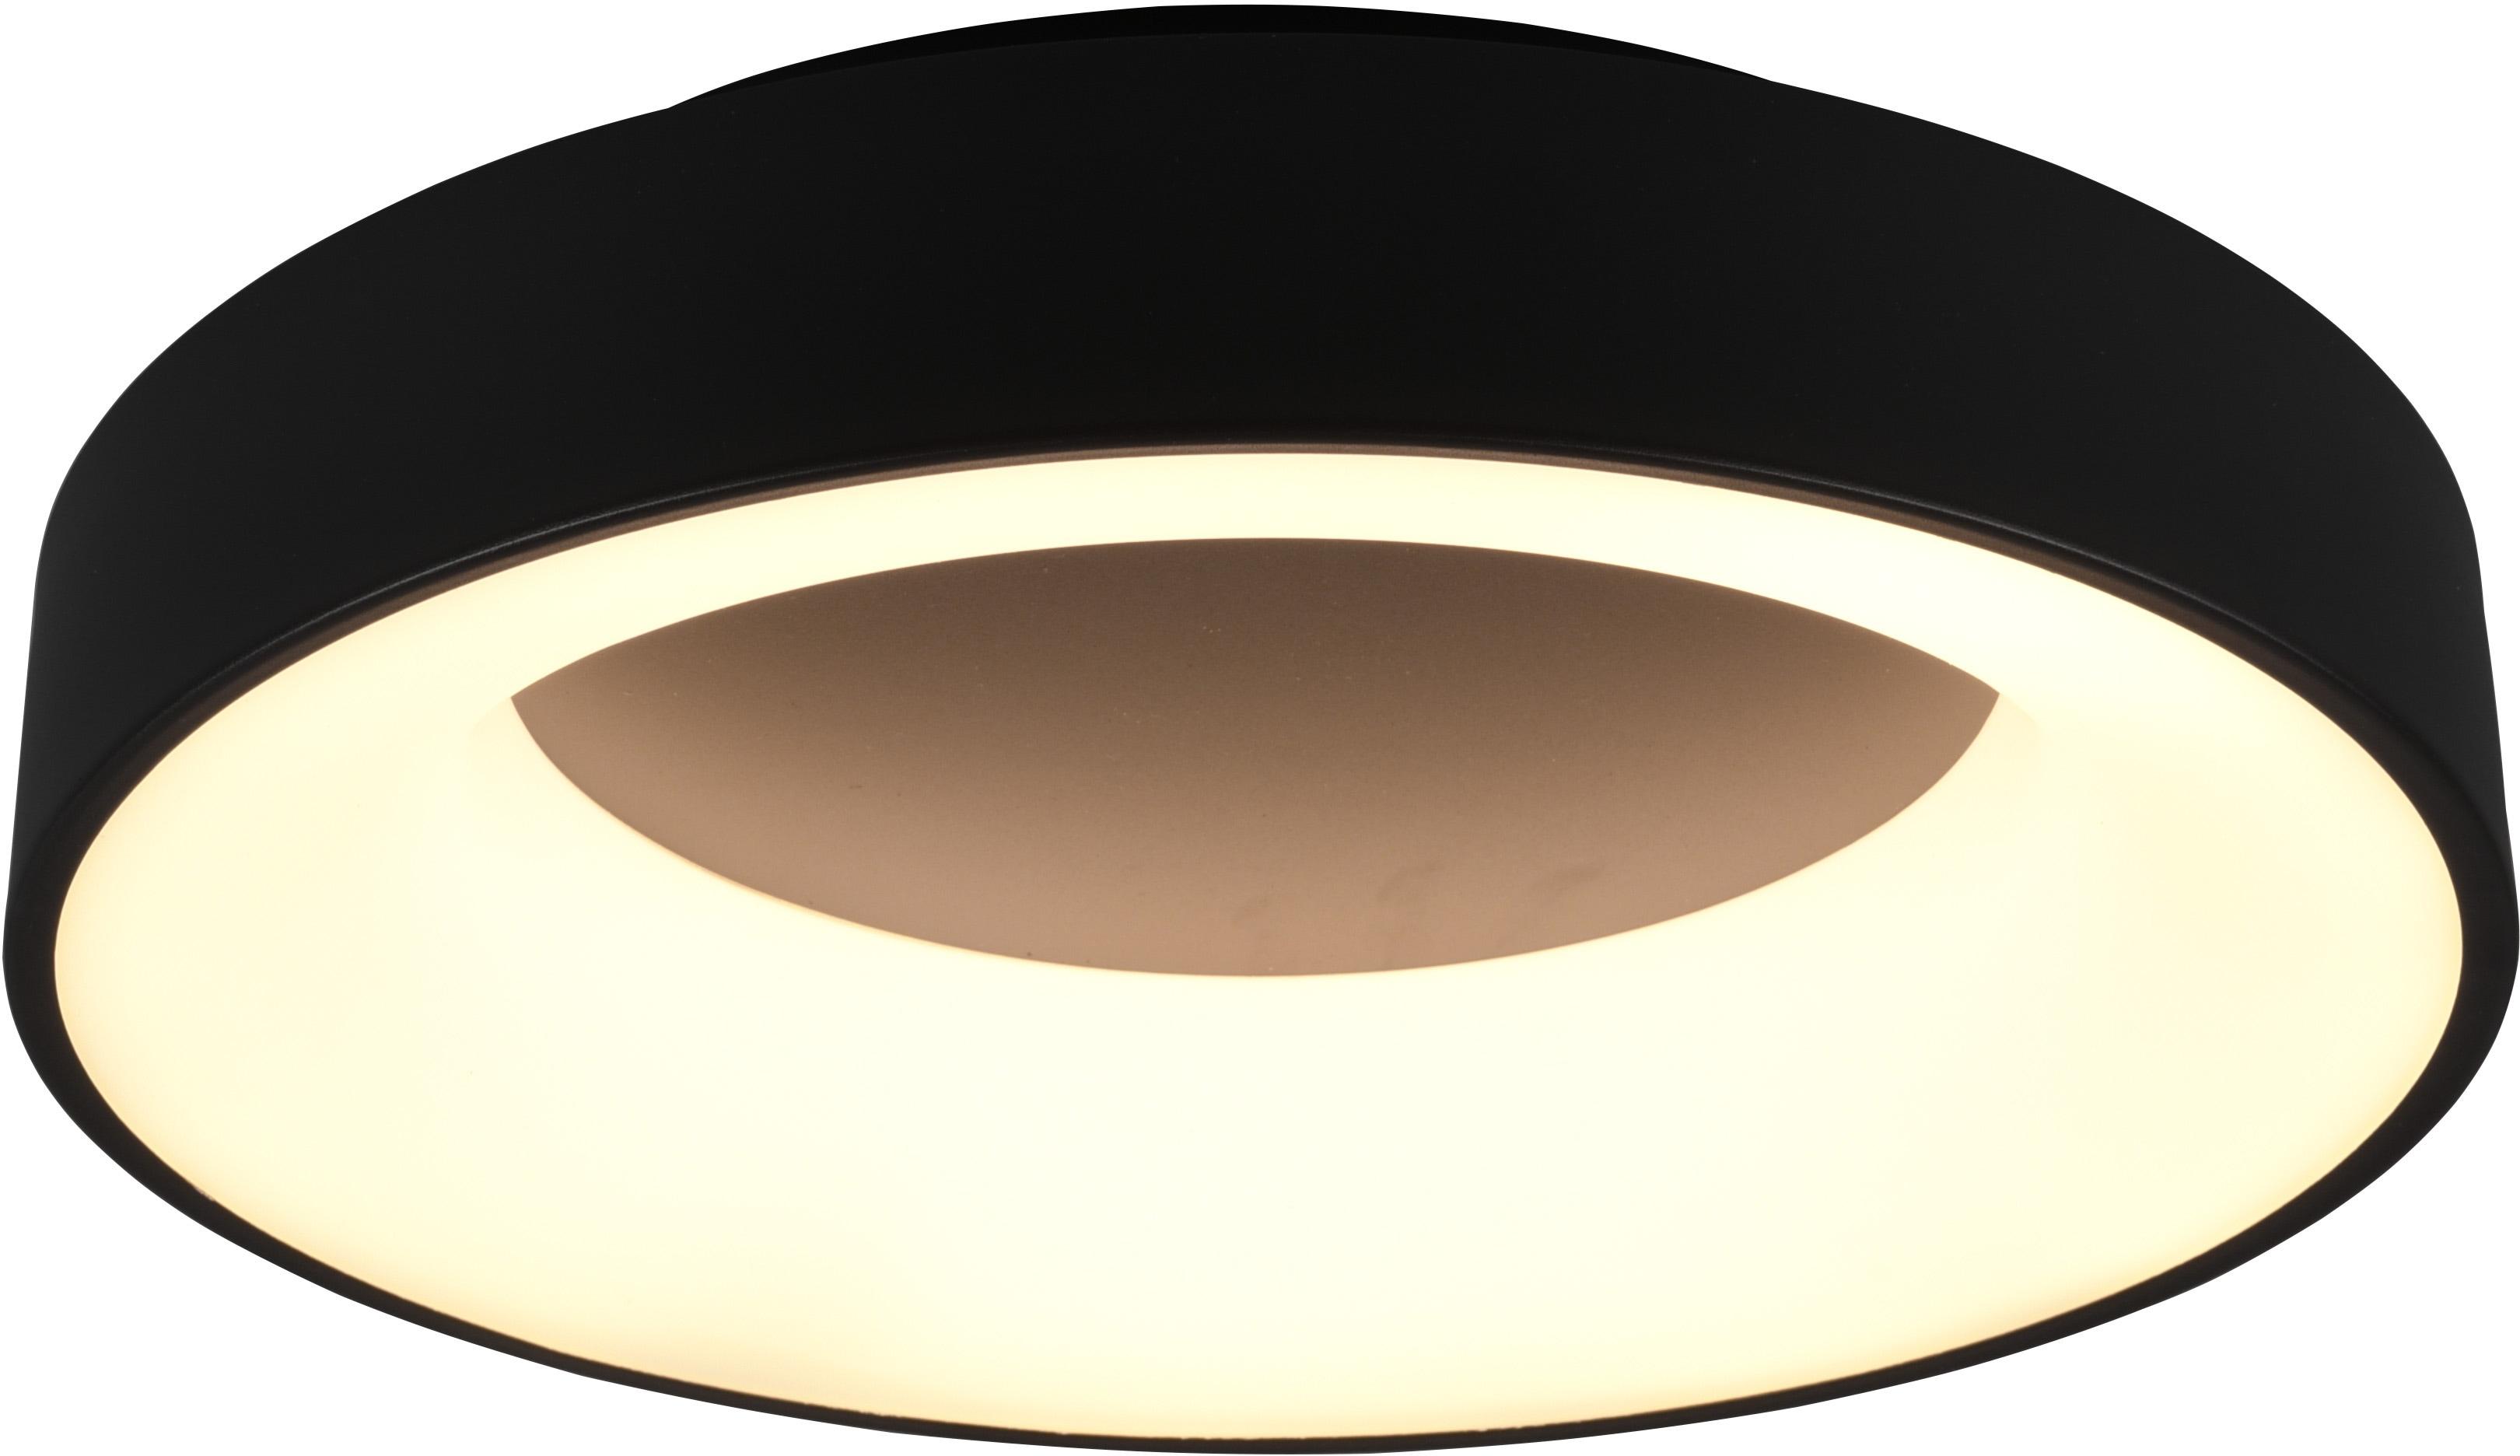 TRIO Leuchten LED Deckenleuchte GIRONA, Deckenlampe, Deckenleuchte, LED-Modul, 1 St., Warmweiß, mit Switch Dimmer dimmbar über Wandschalter, 3000K, 3100 Lm